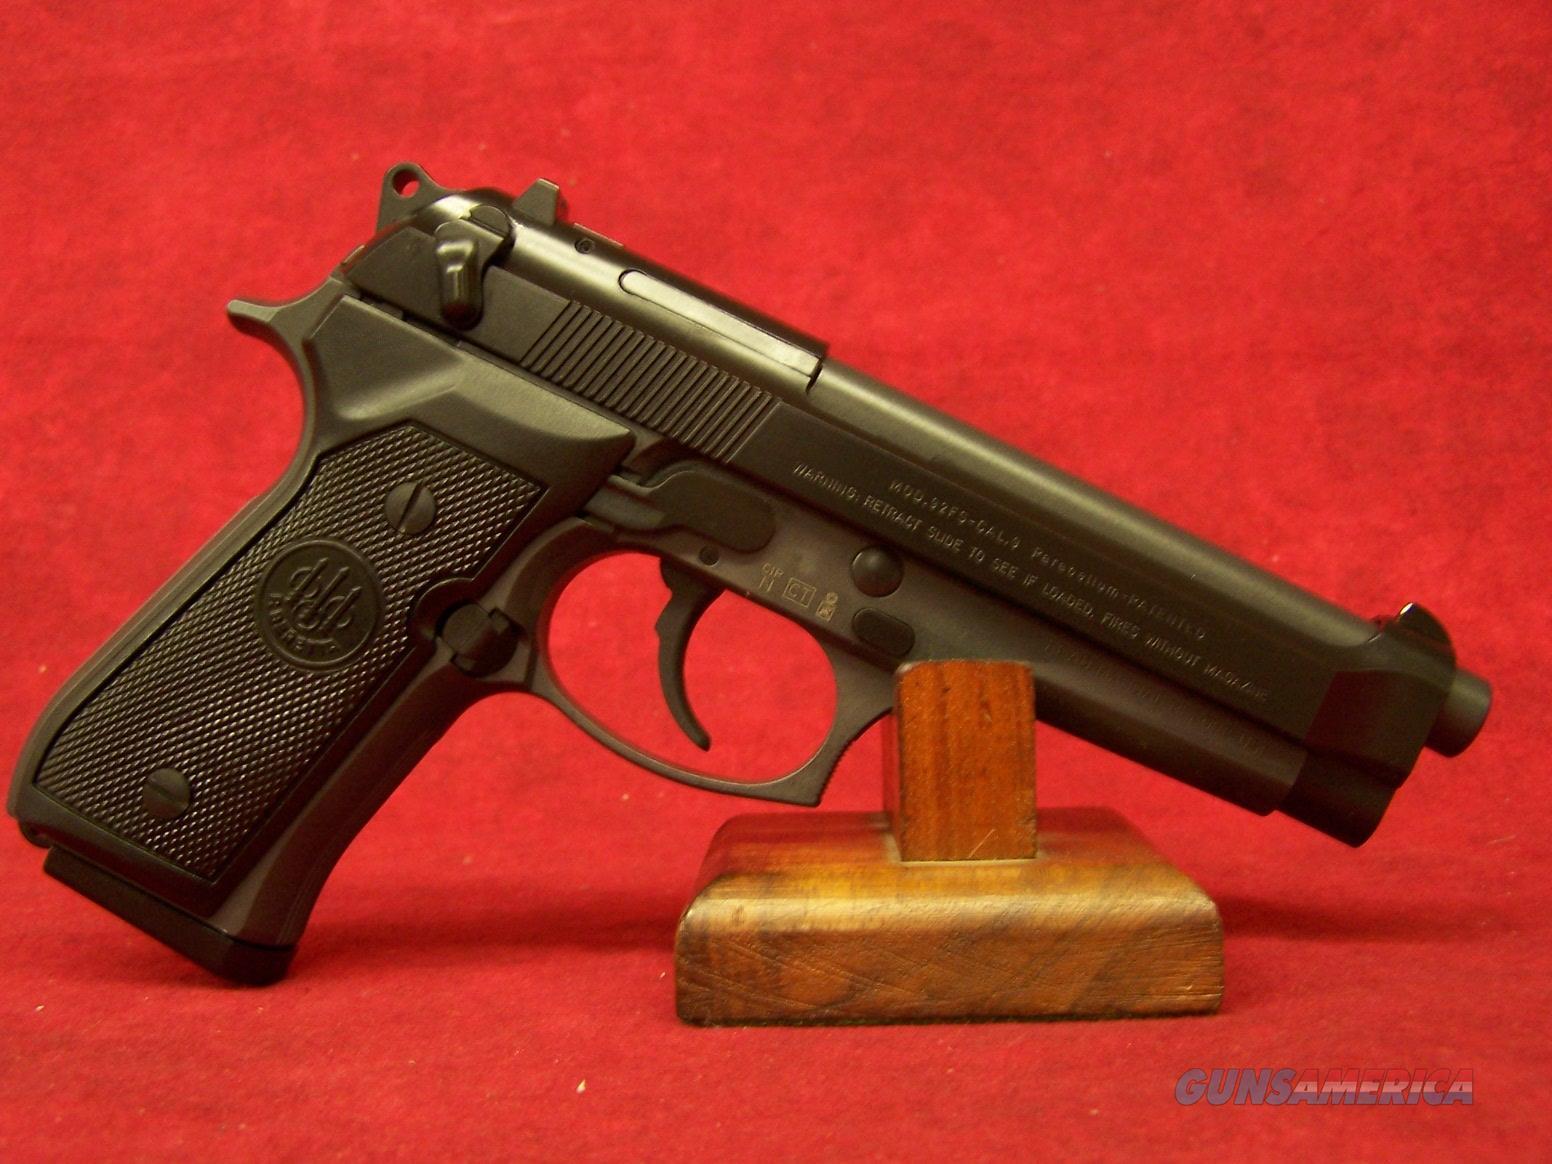 """Beretta 92FS SNIPER GRAY 9mm 4.9"""" (JS92F390M)  Guns > Pistols > Beretta Pistols > Model 92 Series"""